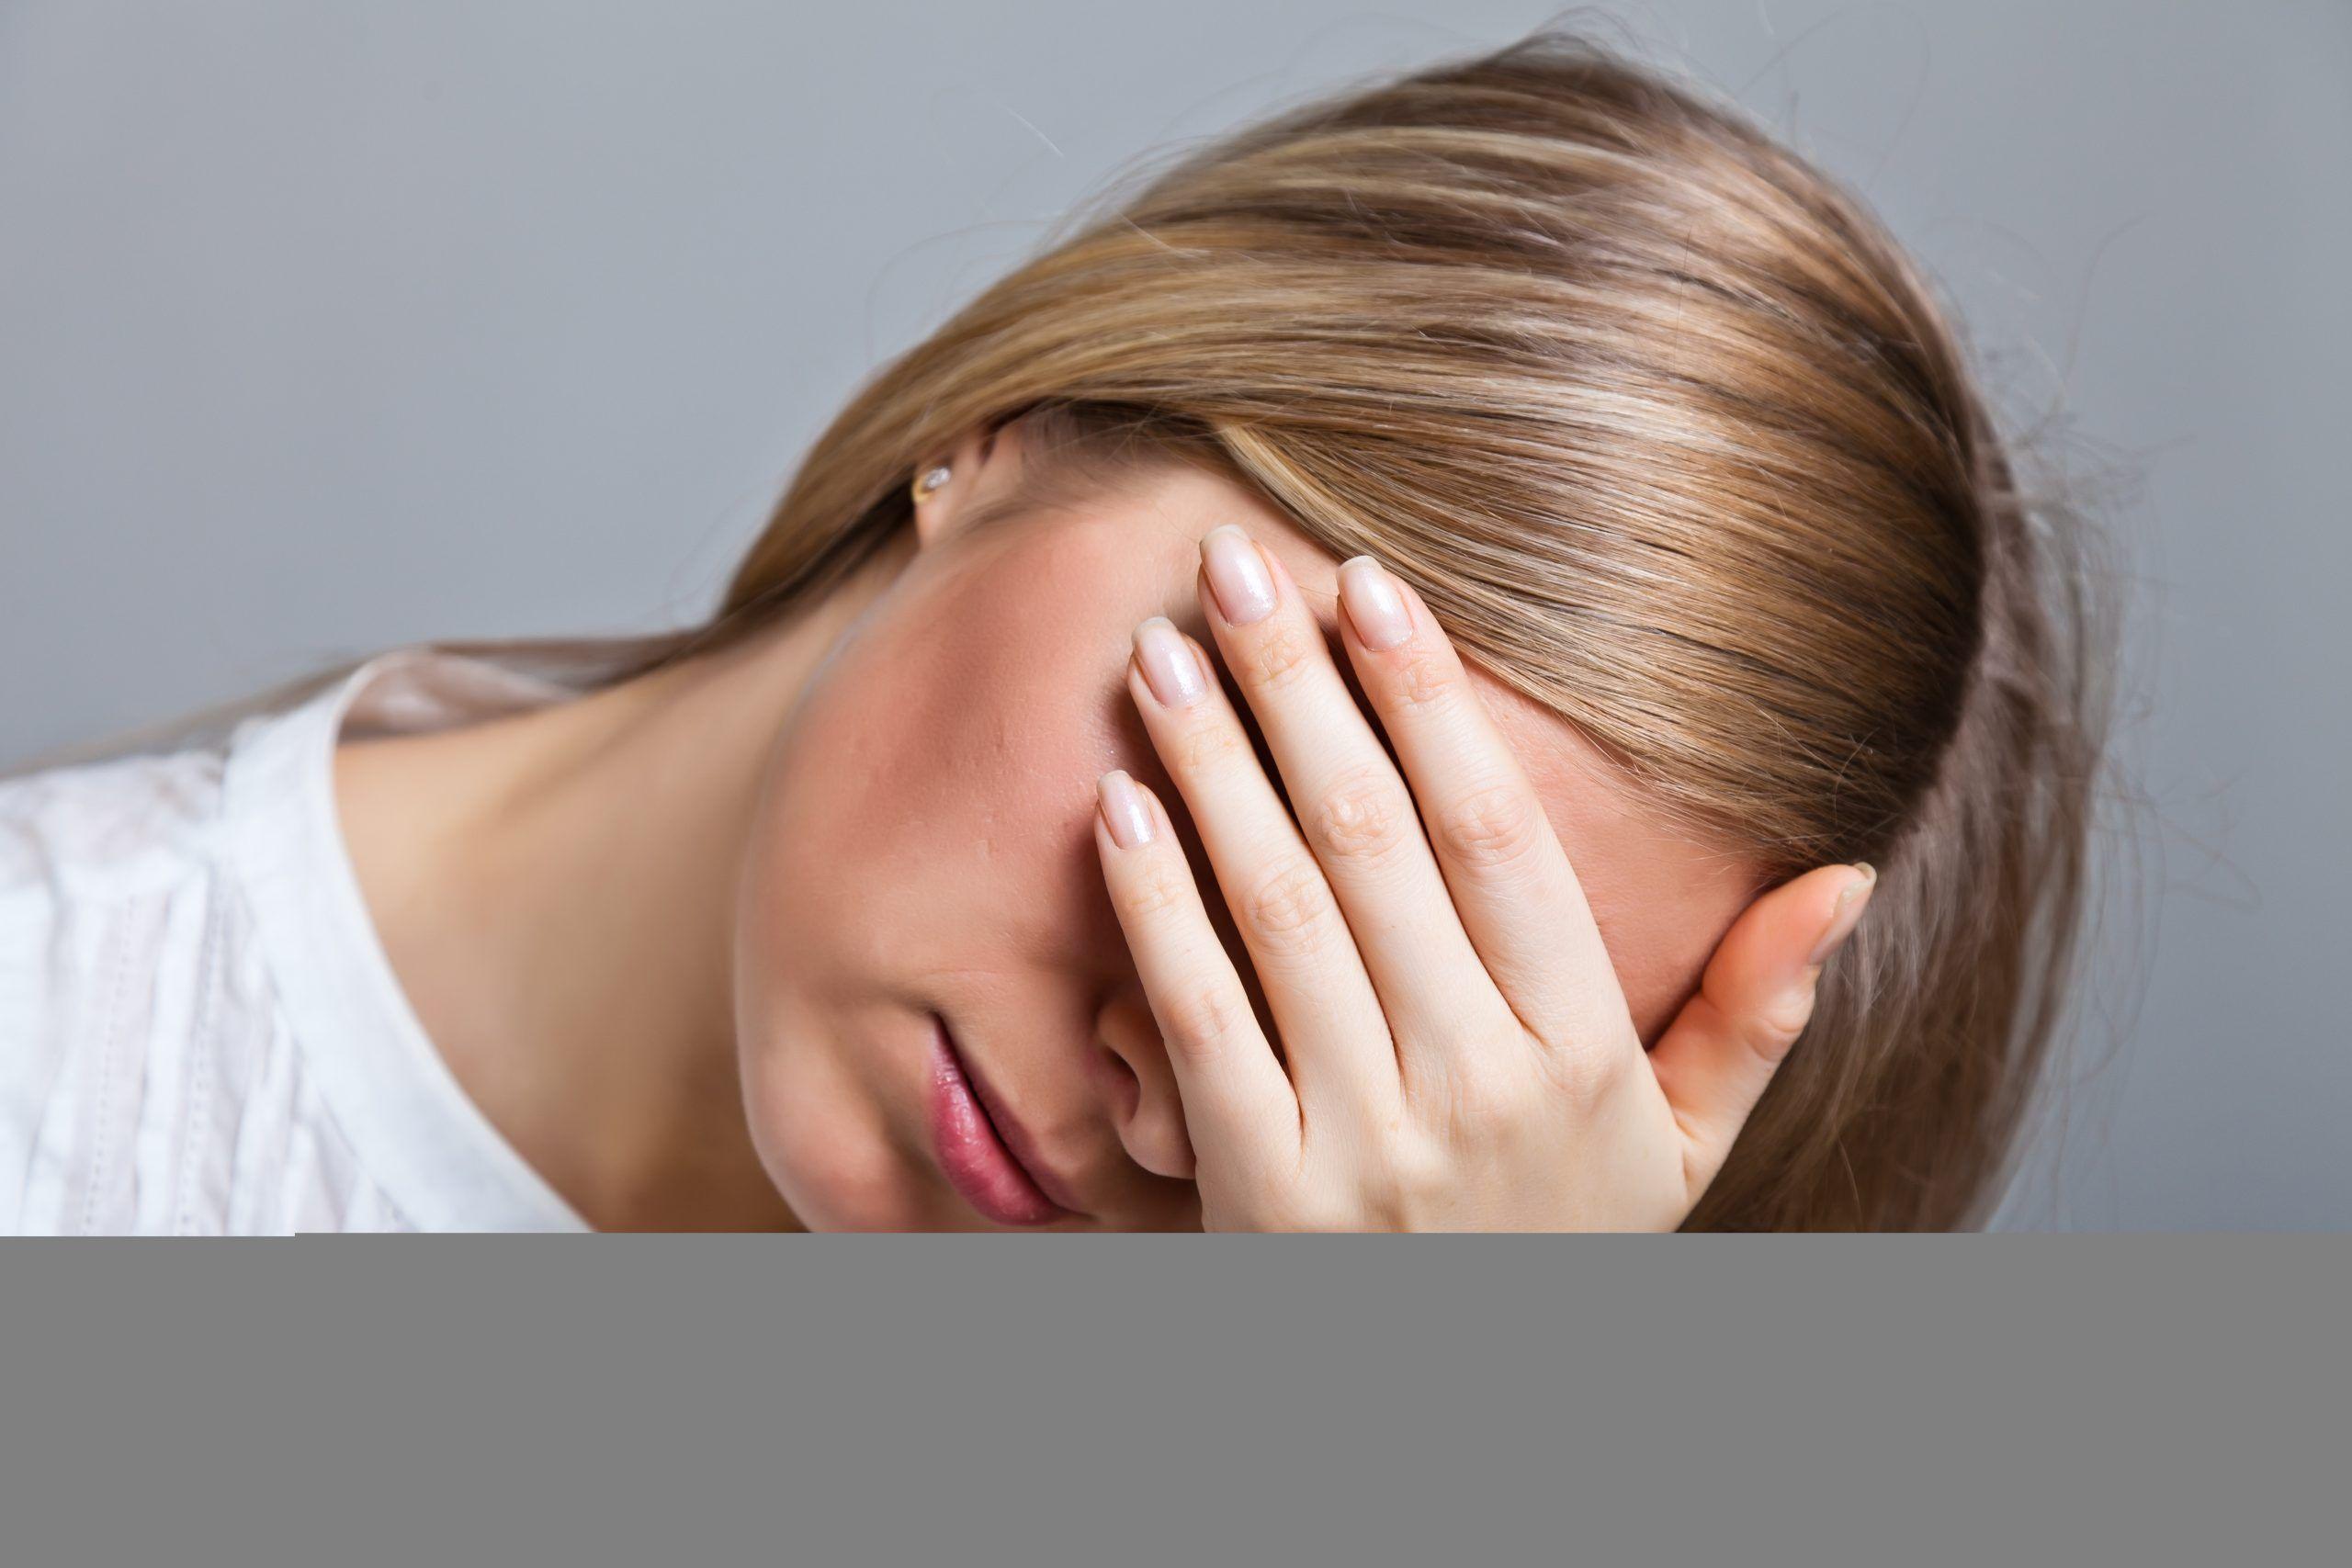 Soffri di attacchi di panico? Il test per scoprirlo